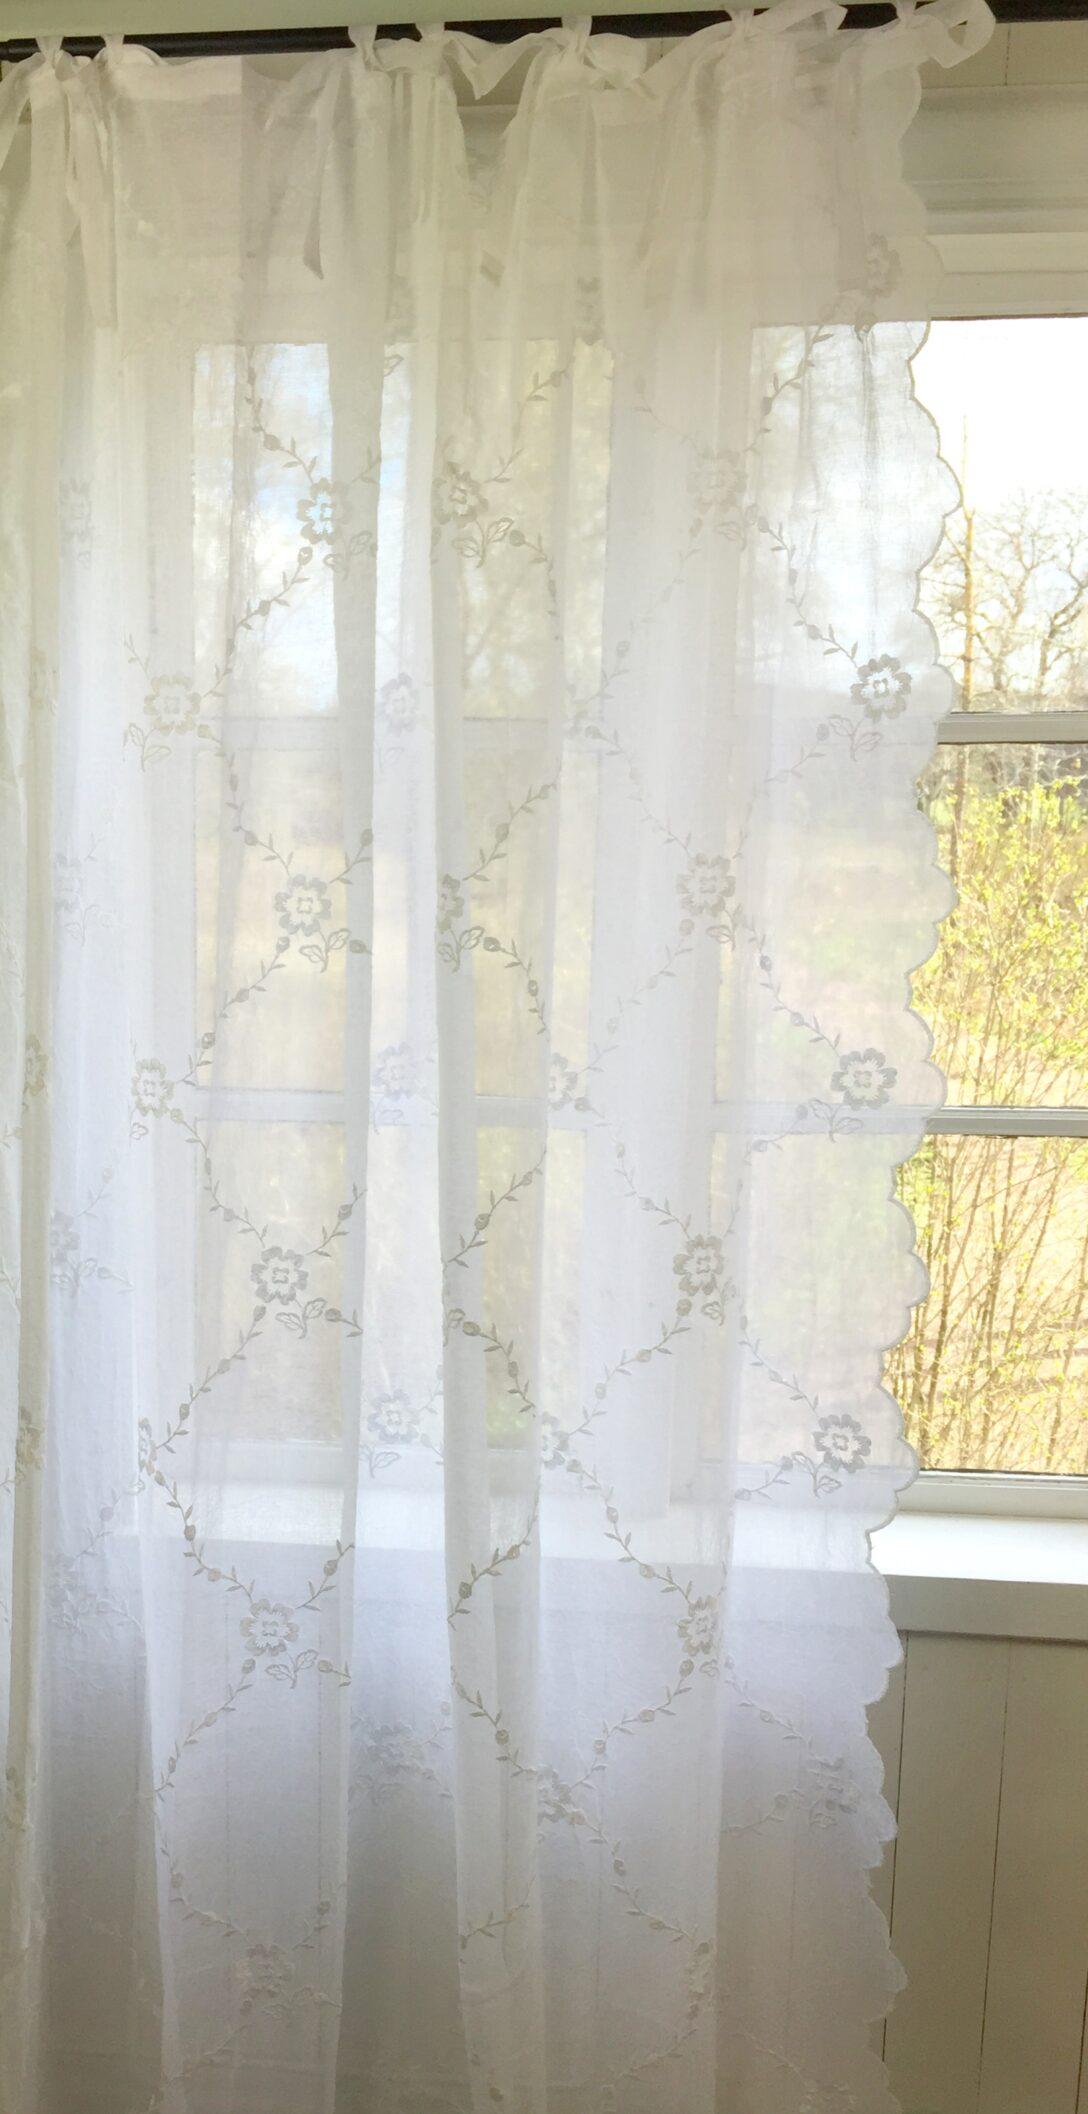 Full Size of Landhaus Gardinen Küche Wei Schal Chiara Bestickt 200x300 Cm Vorratsdosen Holz Modern Landhausküche Inselküche Abverkauf Umziehen Mintgrün Deko Für Wohnzimmer Landhaus Gardinen Küche